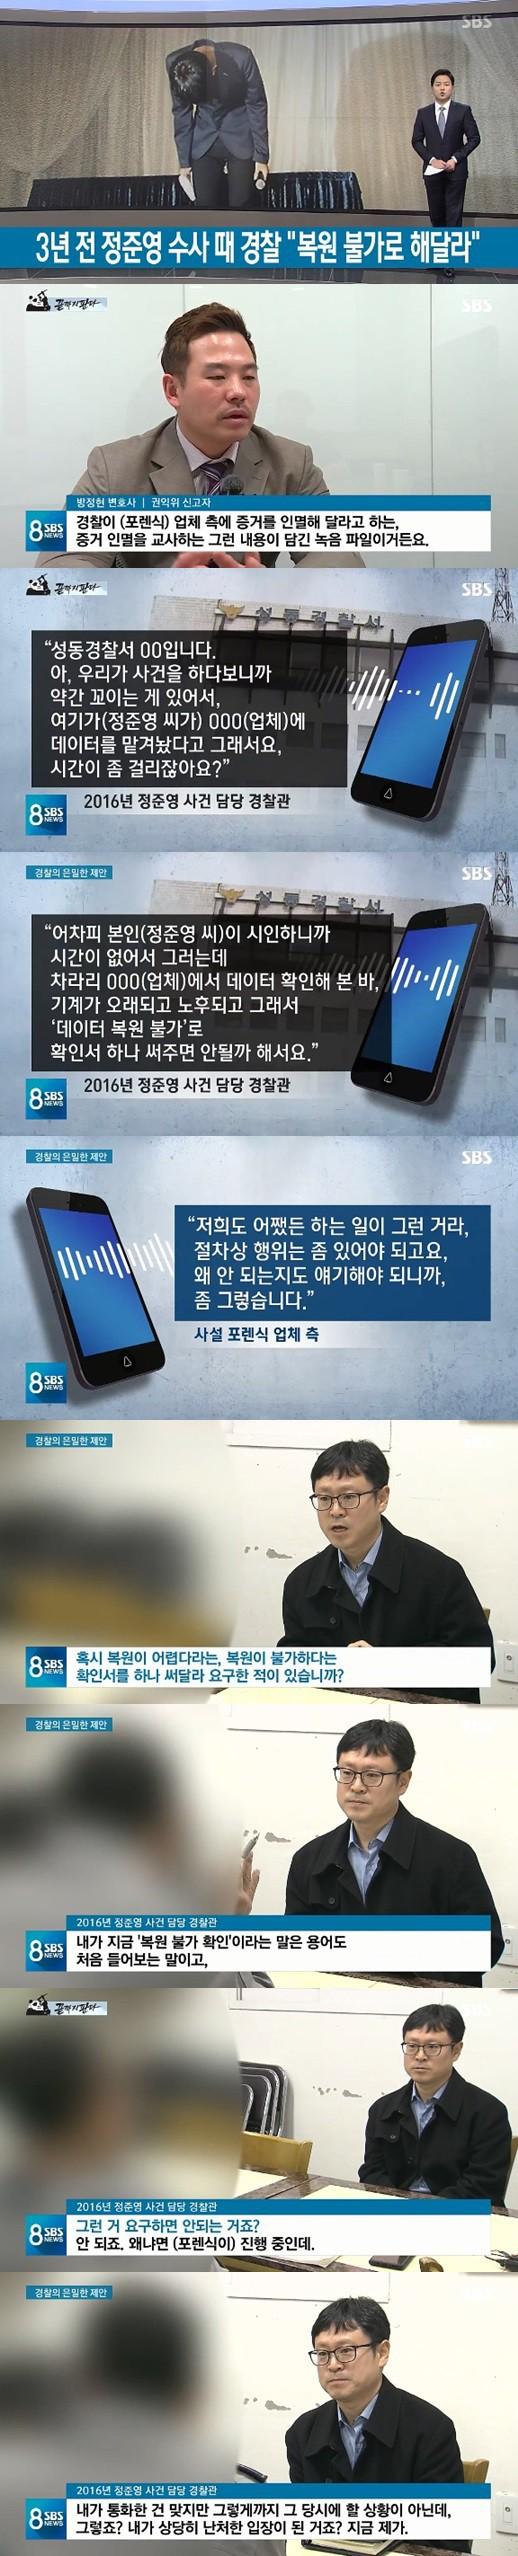 SBS tung tình tiết đinh trong vụ bê bối của Jung Joon Young: Có dấu hiệu nhờ cảnh sát tiêu hủy chứng cứ từ năm 2016 - Ảnh 2.